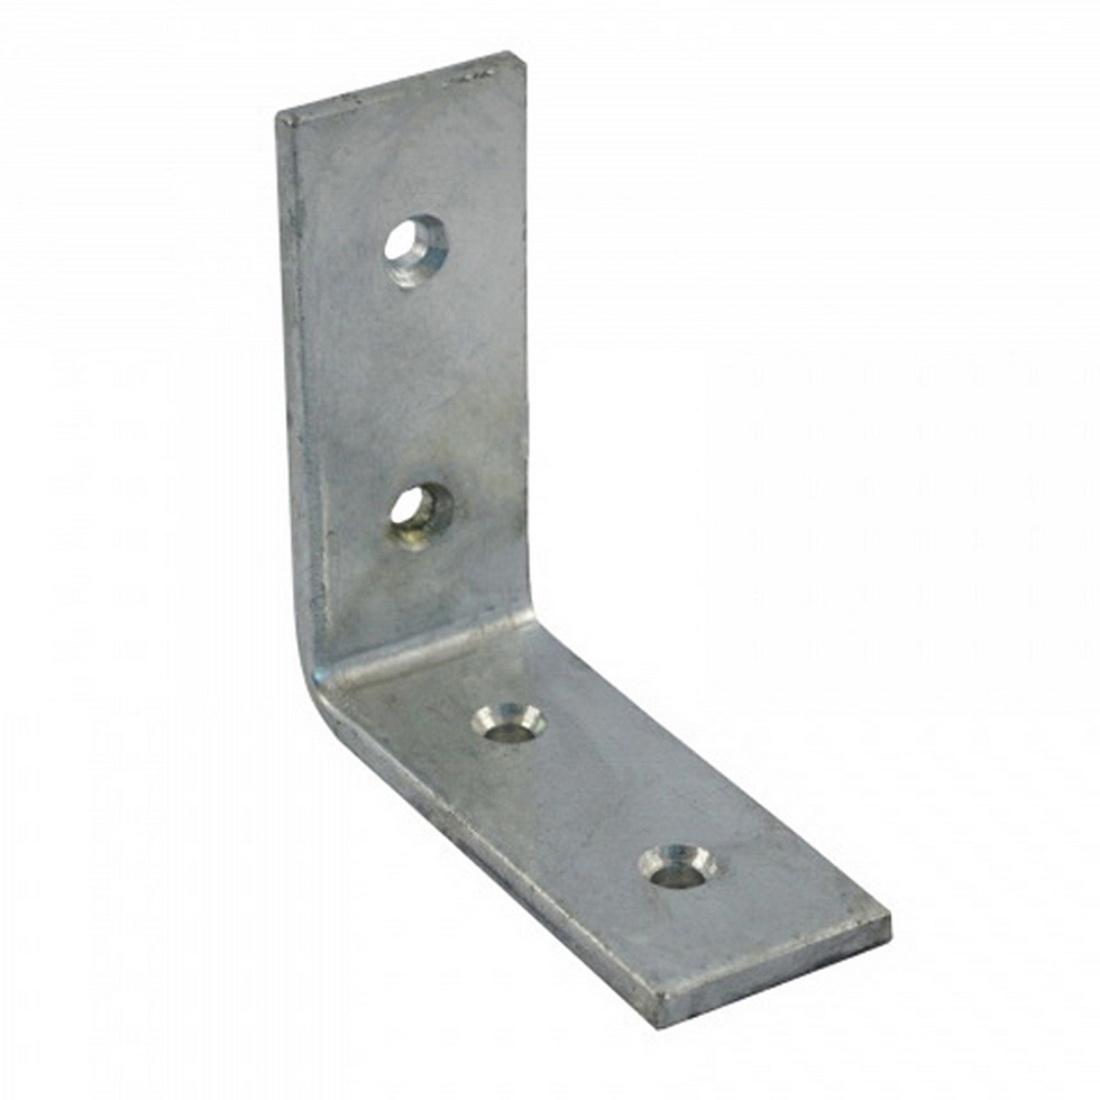 Heavy Duty Angle Bracket 150 x 125 x 20mm Zinc Plated BANHZ150S020R